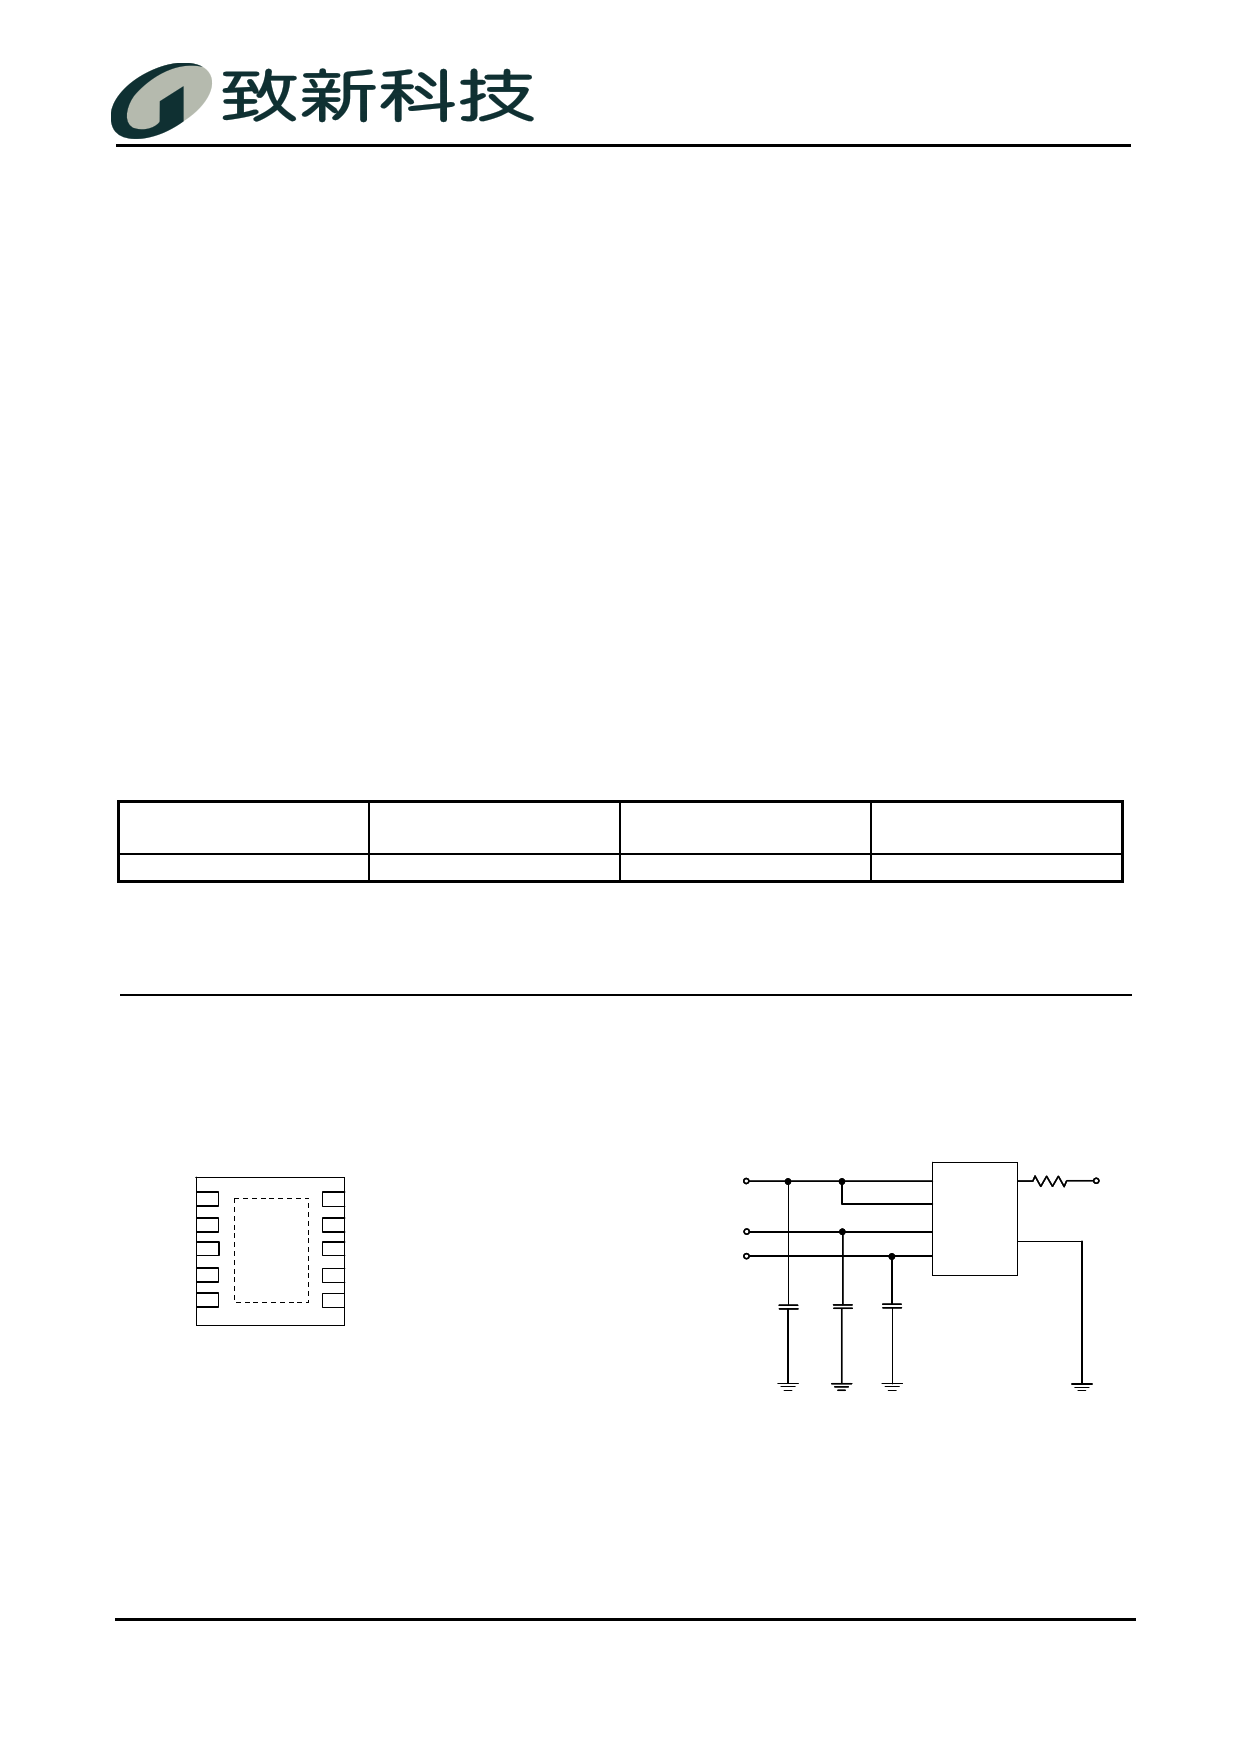 G9662 Datasheet, G9662 PDF,ピン配置, 機能